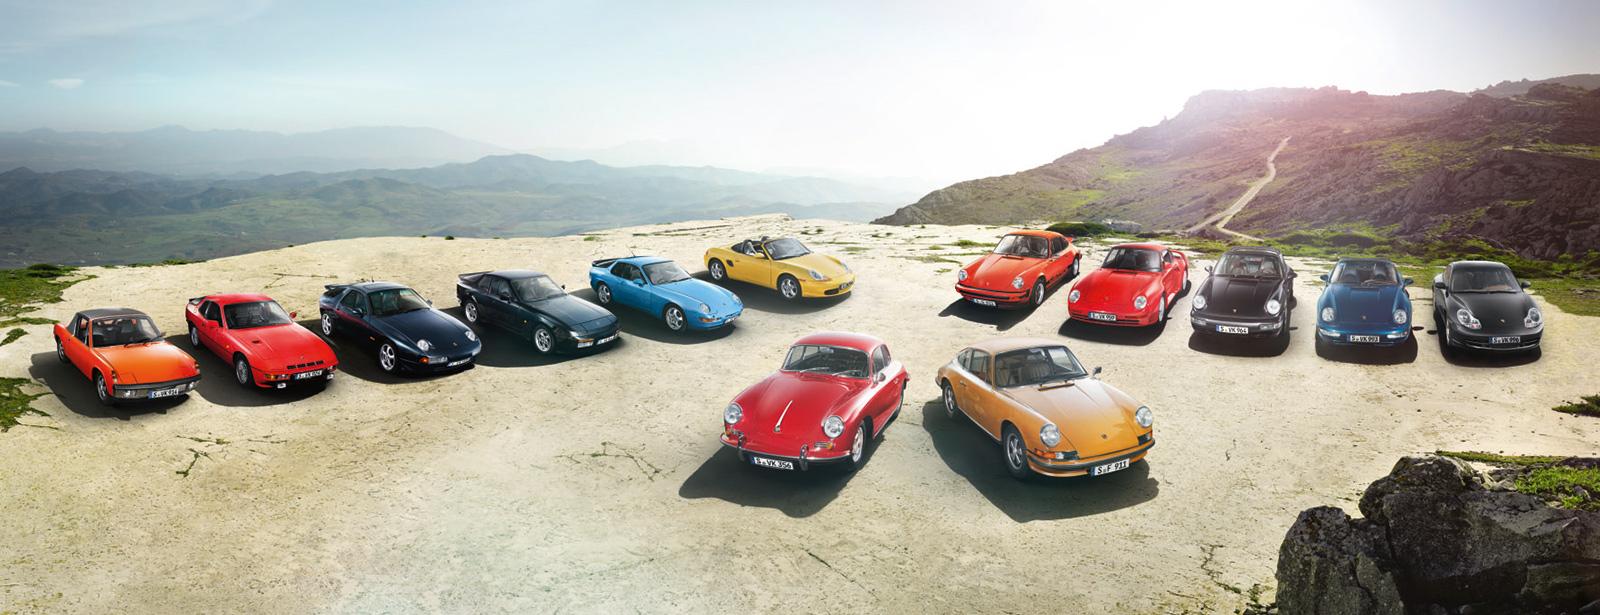 Porsche Club Baden Baden e.V.